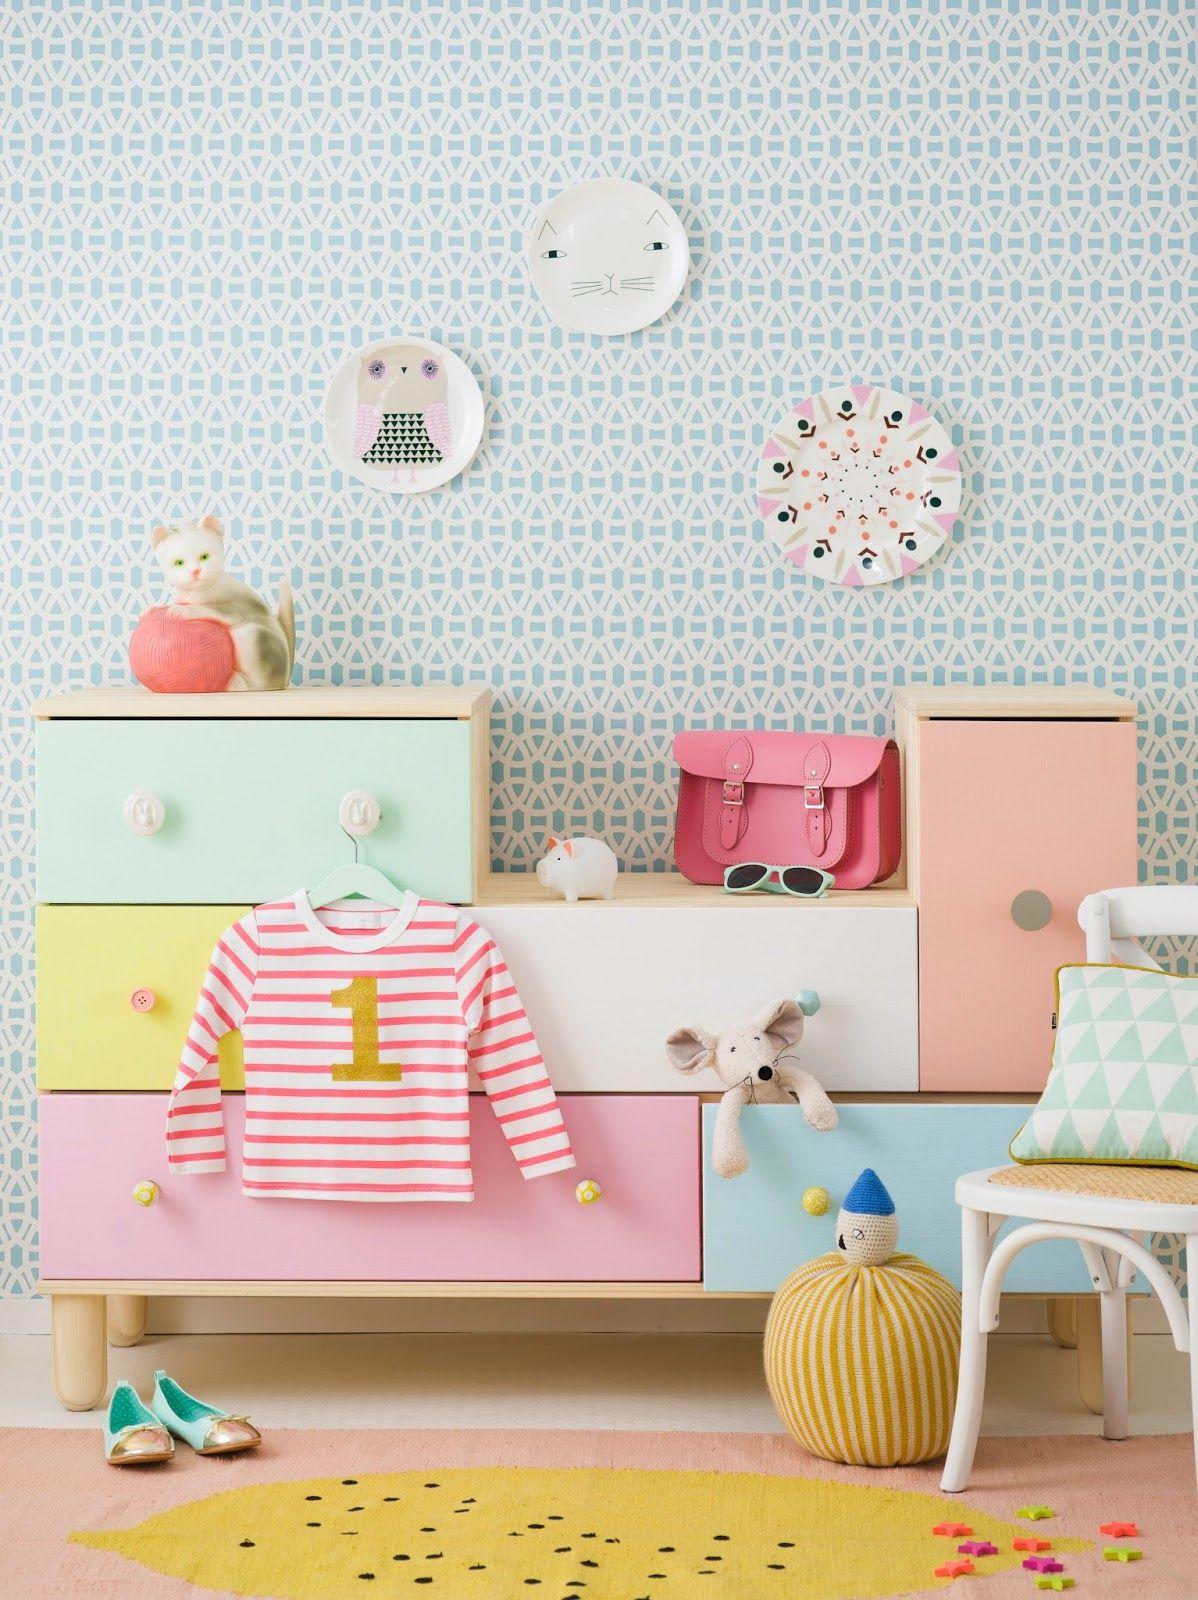 Full Size of Ikea Mbel Pimpen Wenig Aufwand Kinderzimmer Regal Regale Kommode Bad Wohnzimmer Weiß Hochglanz Schlafzimmer Sofa Kommoden Badezimmer Kinderzimmer Kommode Kinderzimmer